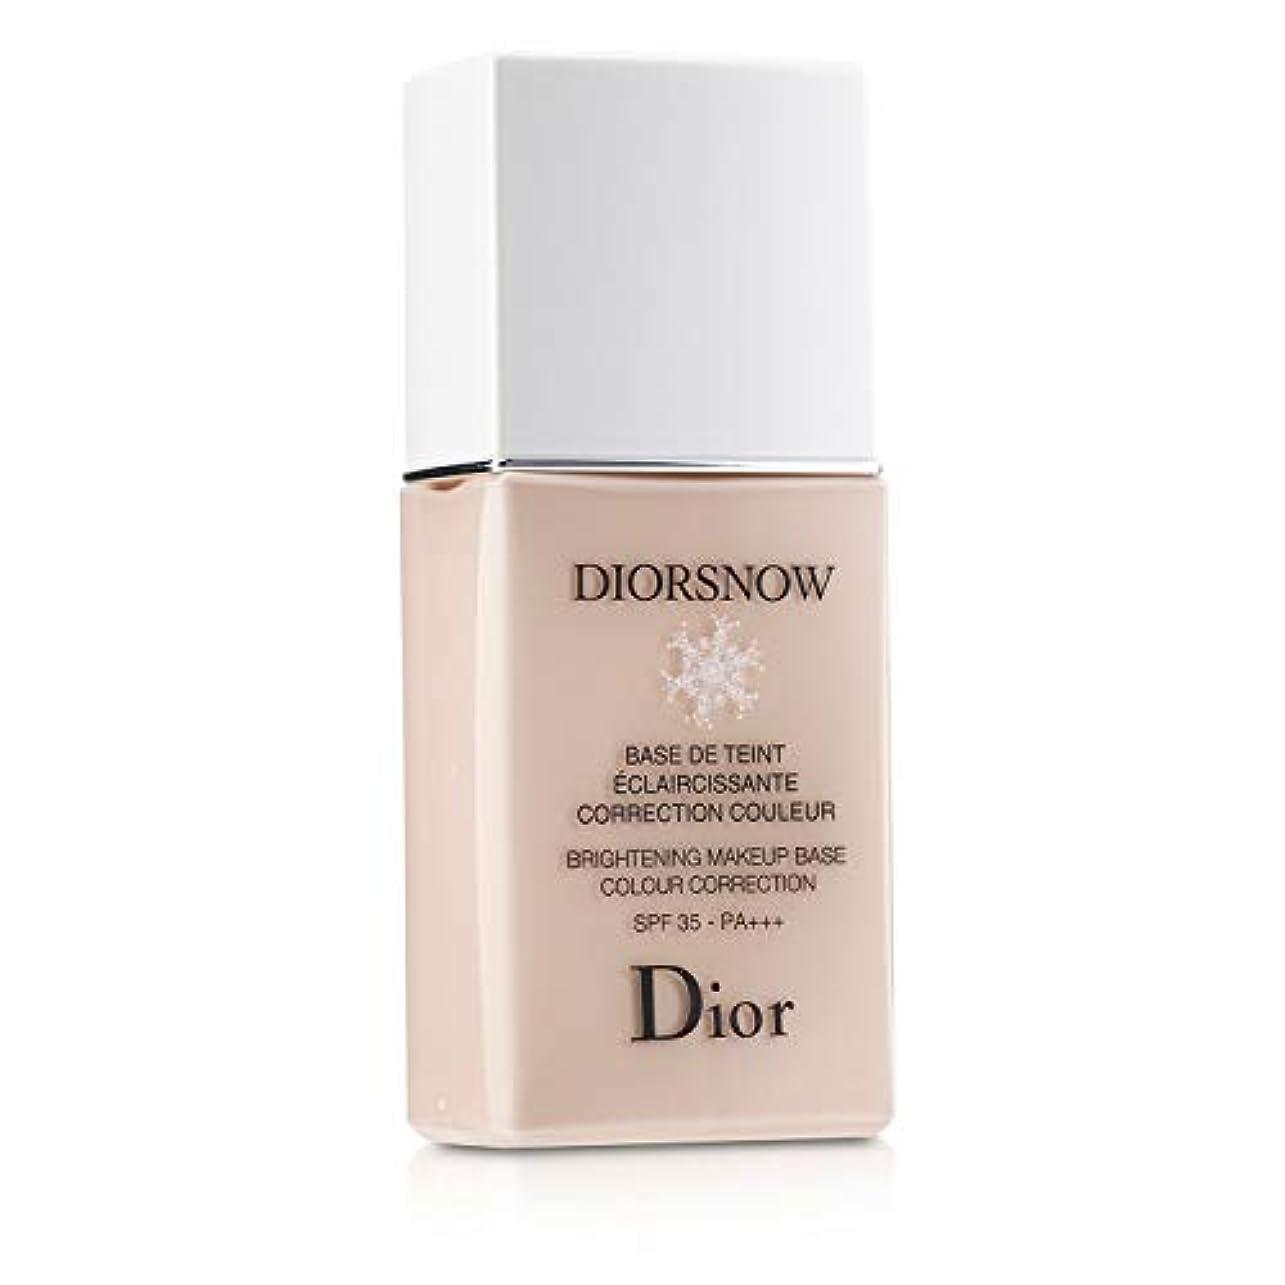 コーラス計り知れないティームクリスチャン ディオール Diorsnow Brightening Makeup Base Colour Correction SPF35 - # Rose 30ml/1oz並行輸入品